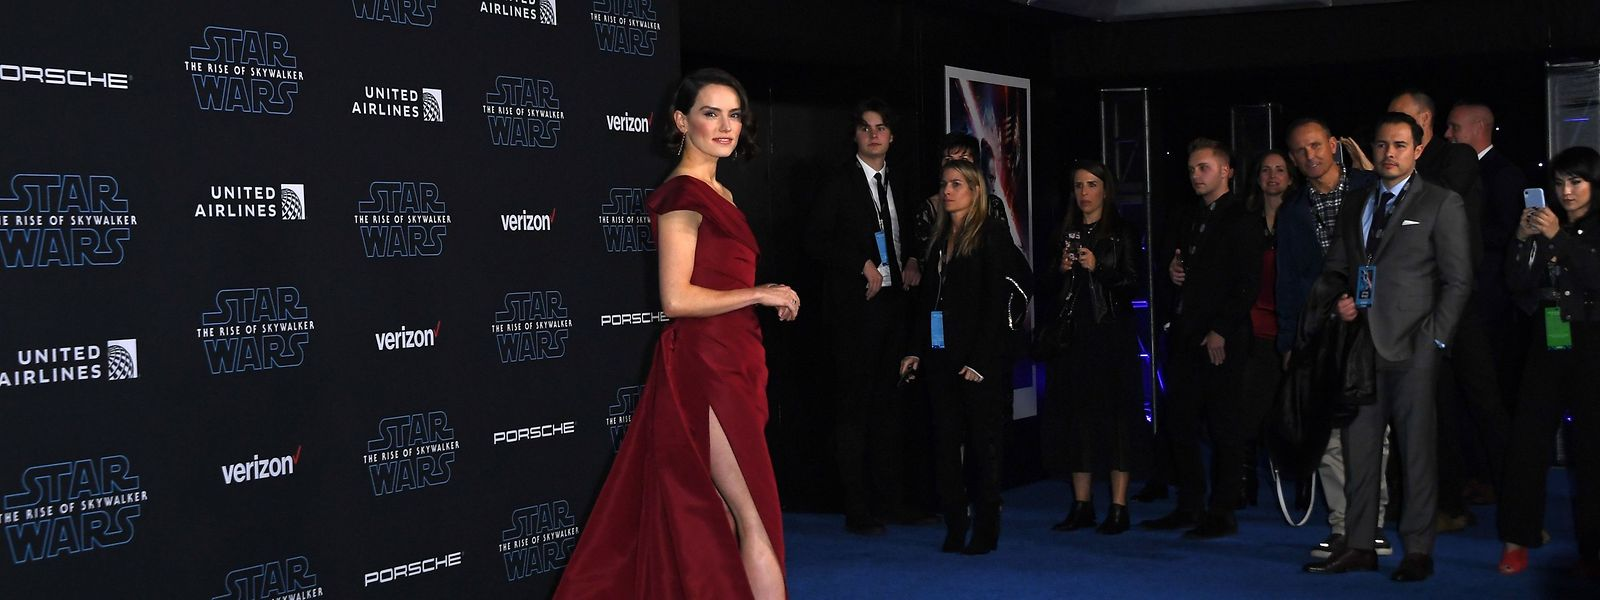 Die britische Schauspielerin Daisy Ridley bei der Weltpremiere in LA.